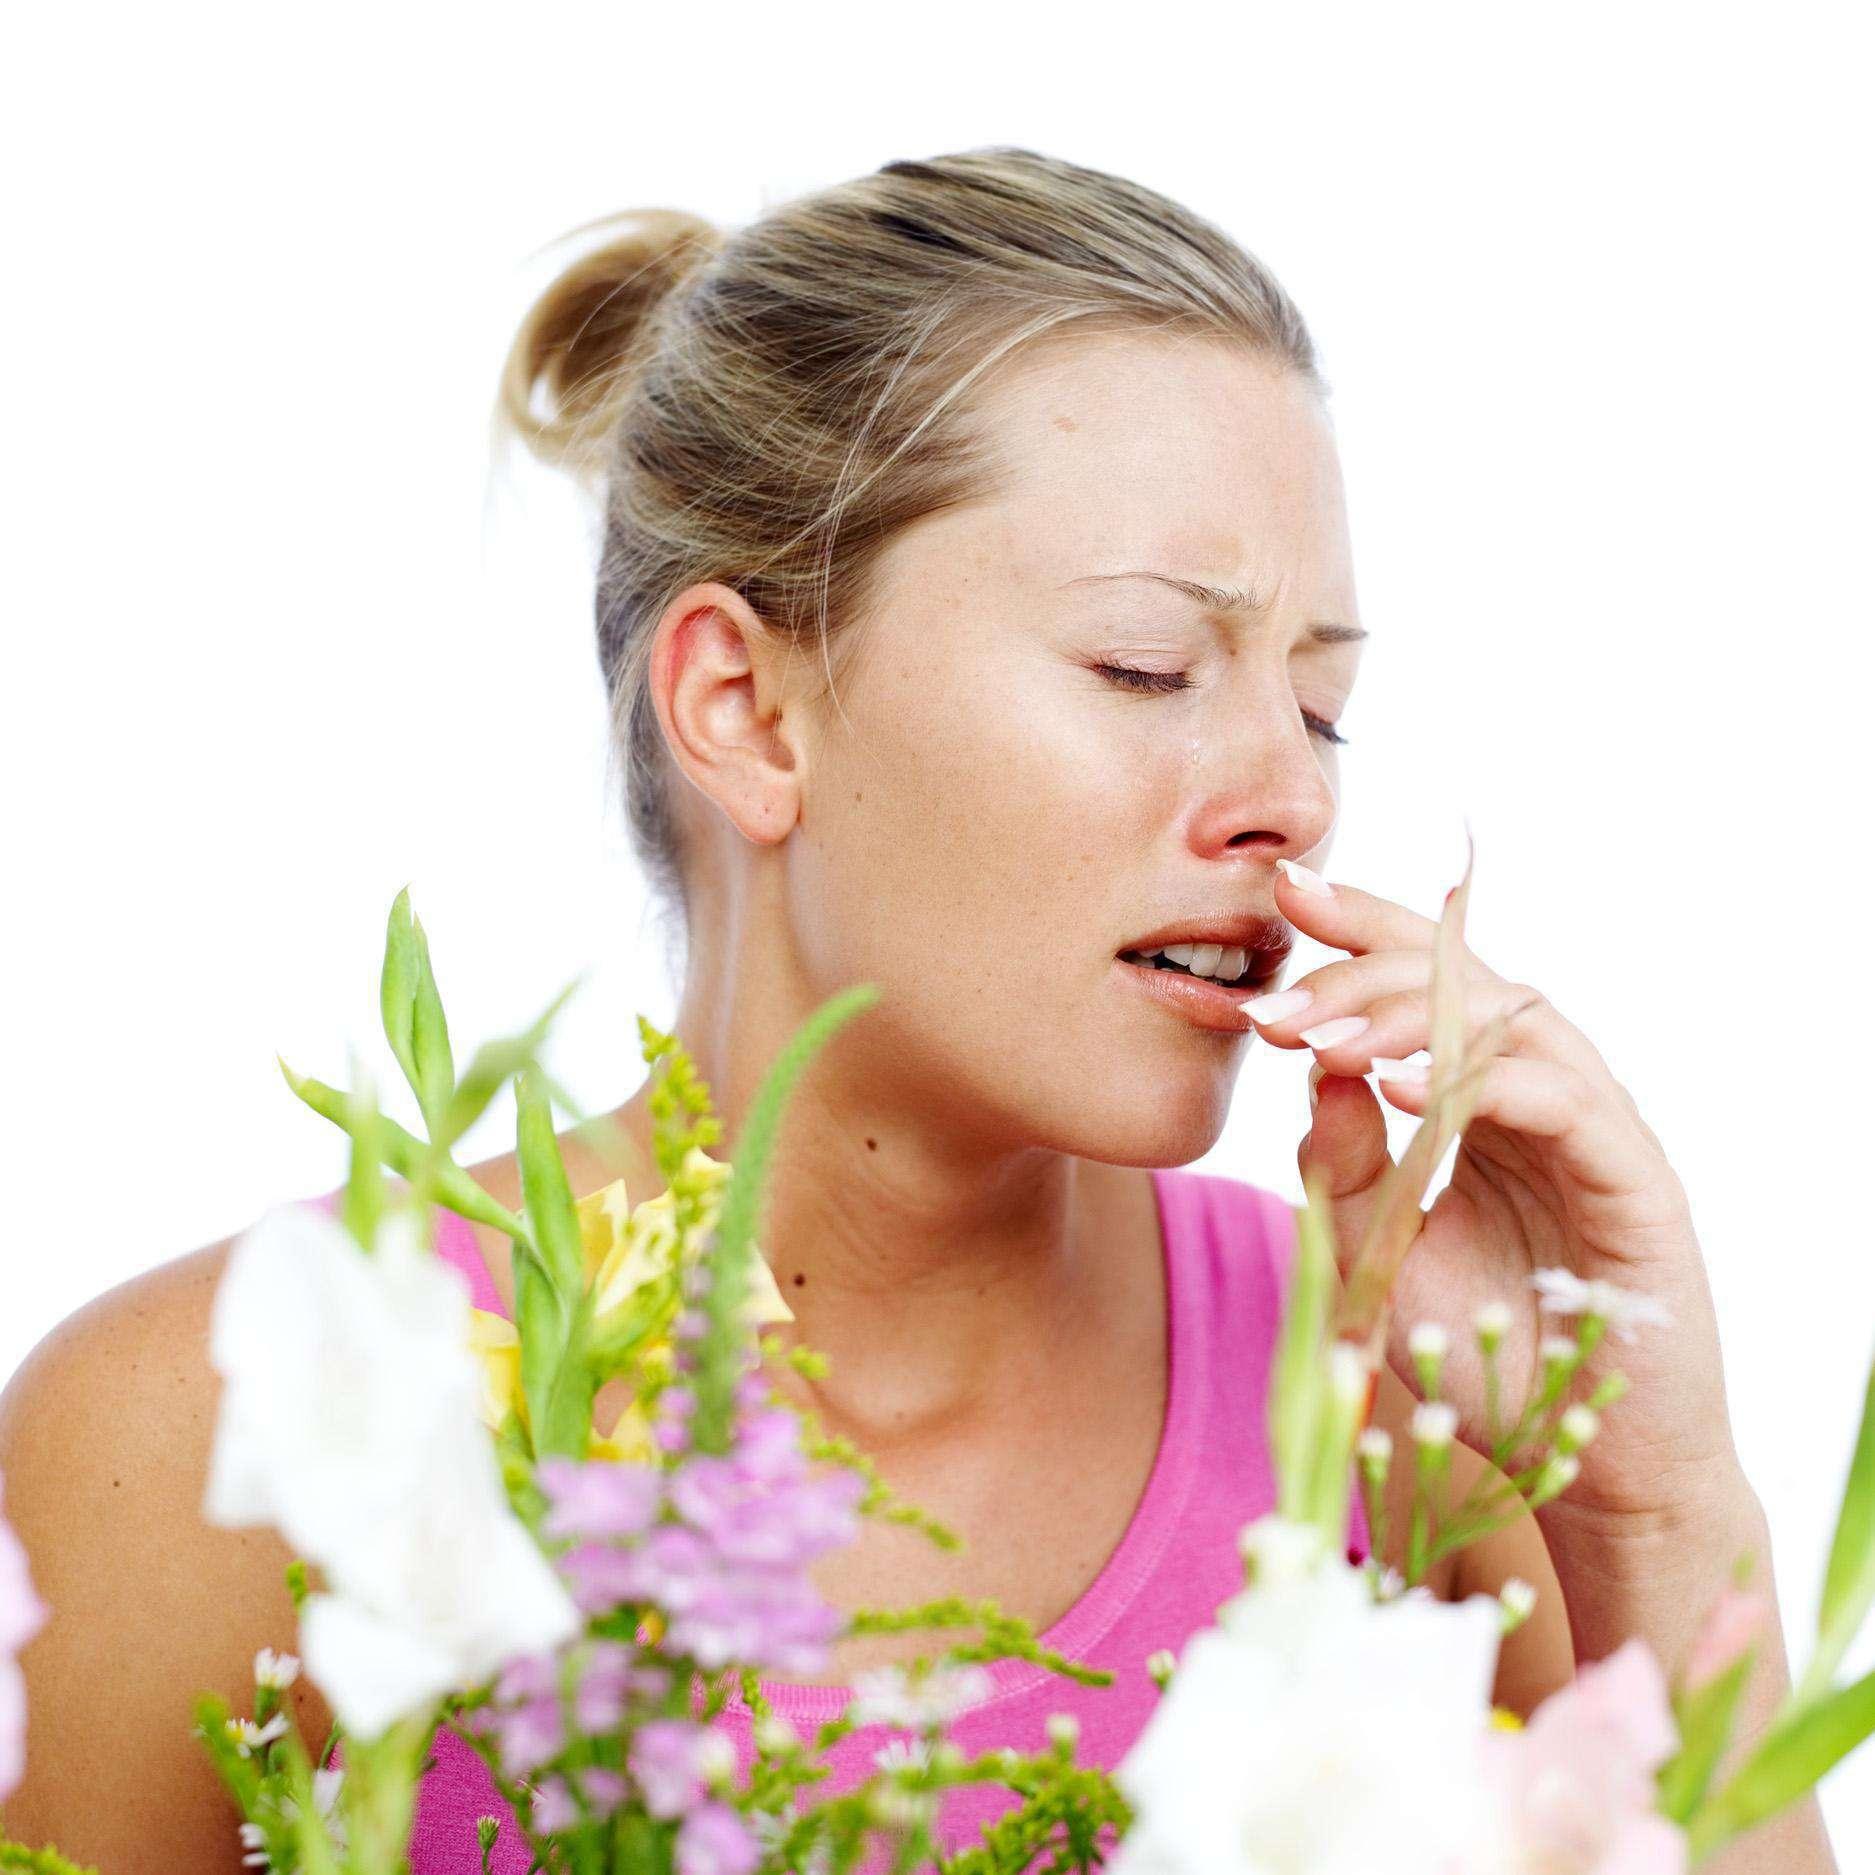 Растения – сильные источники аллергии